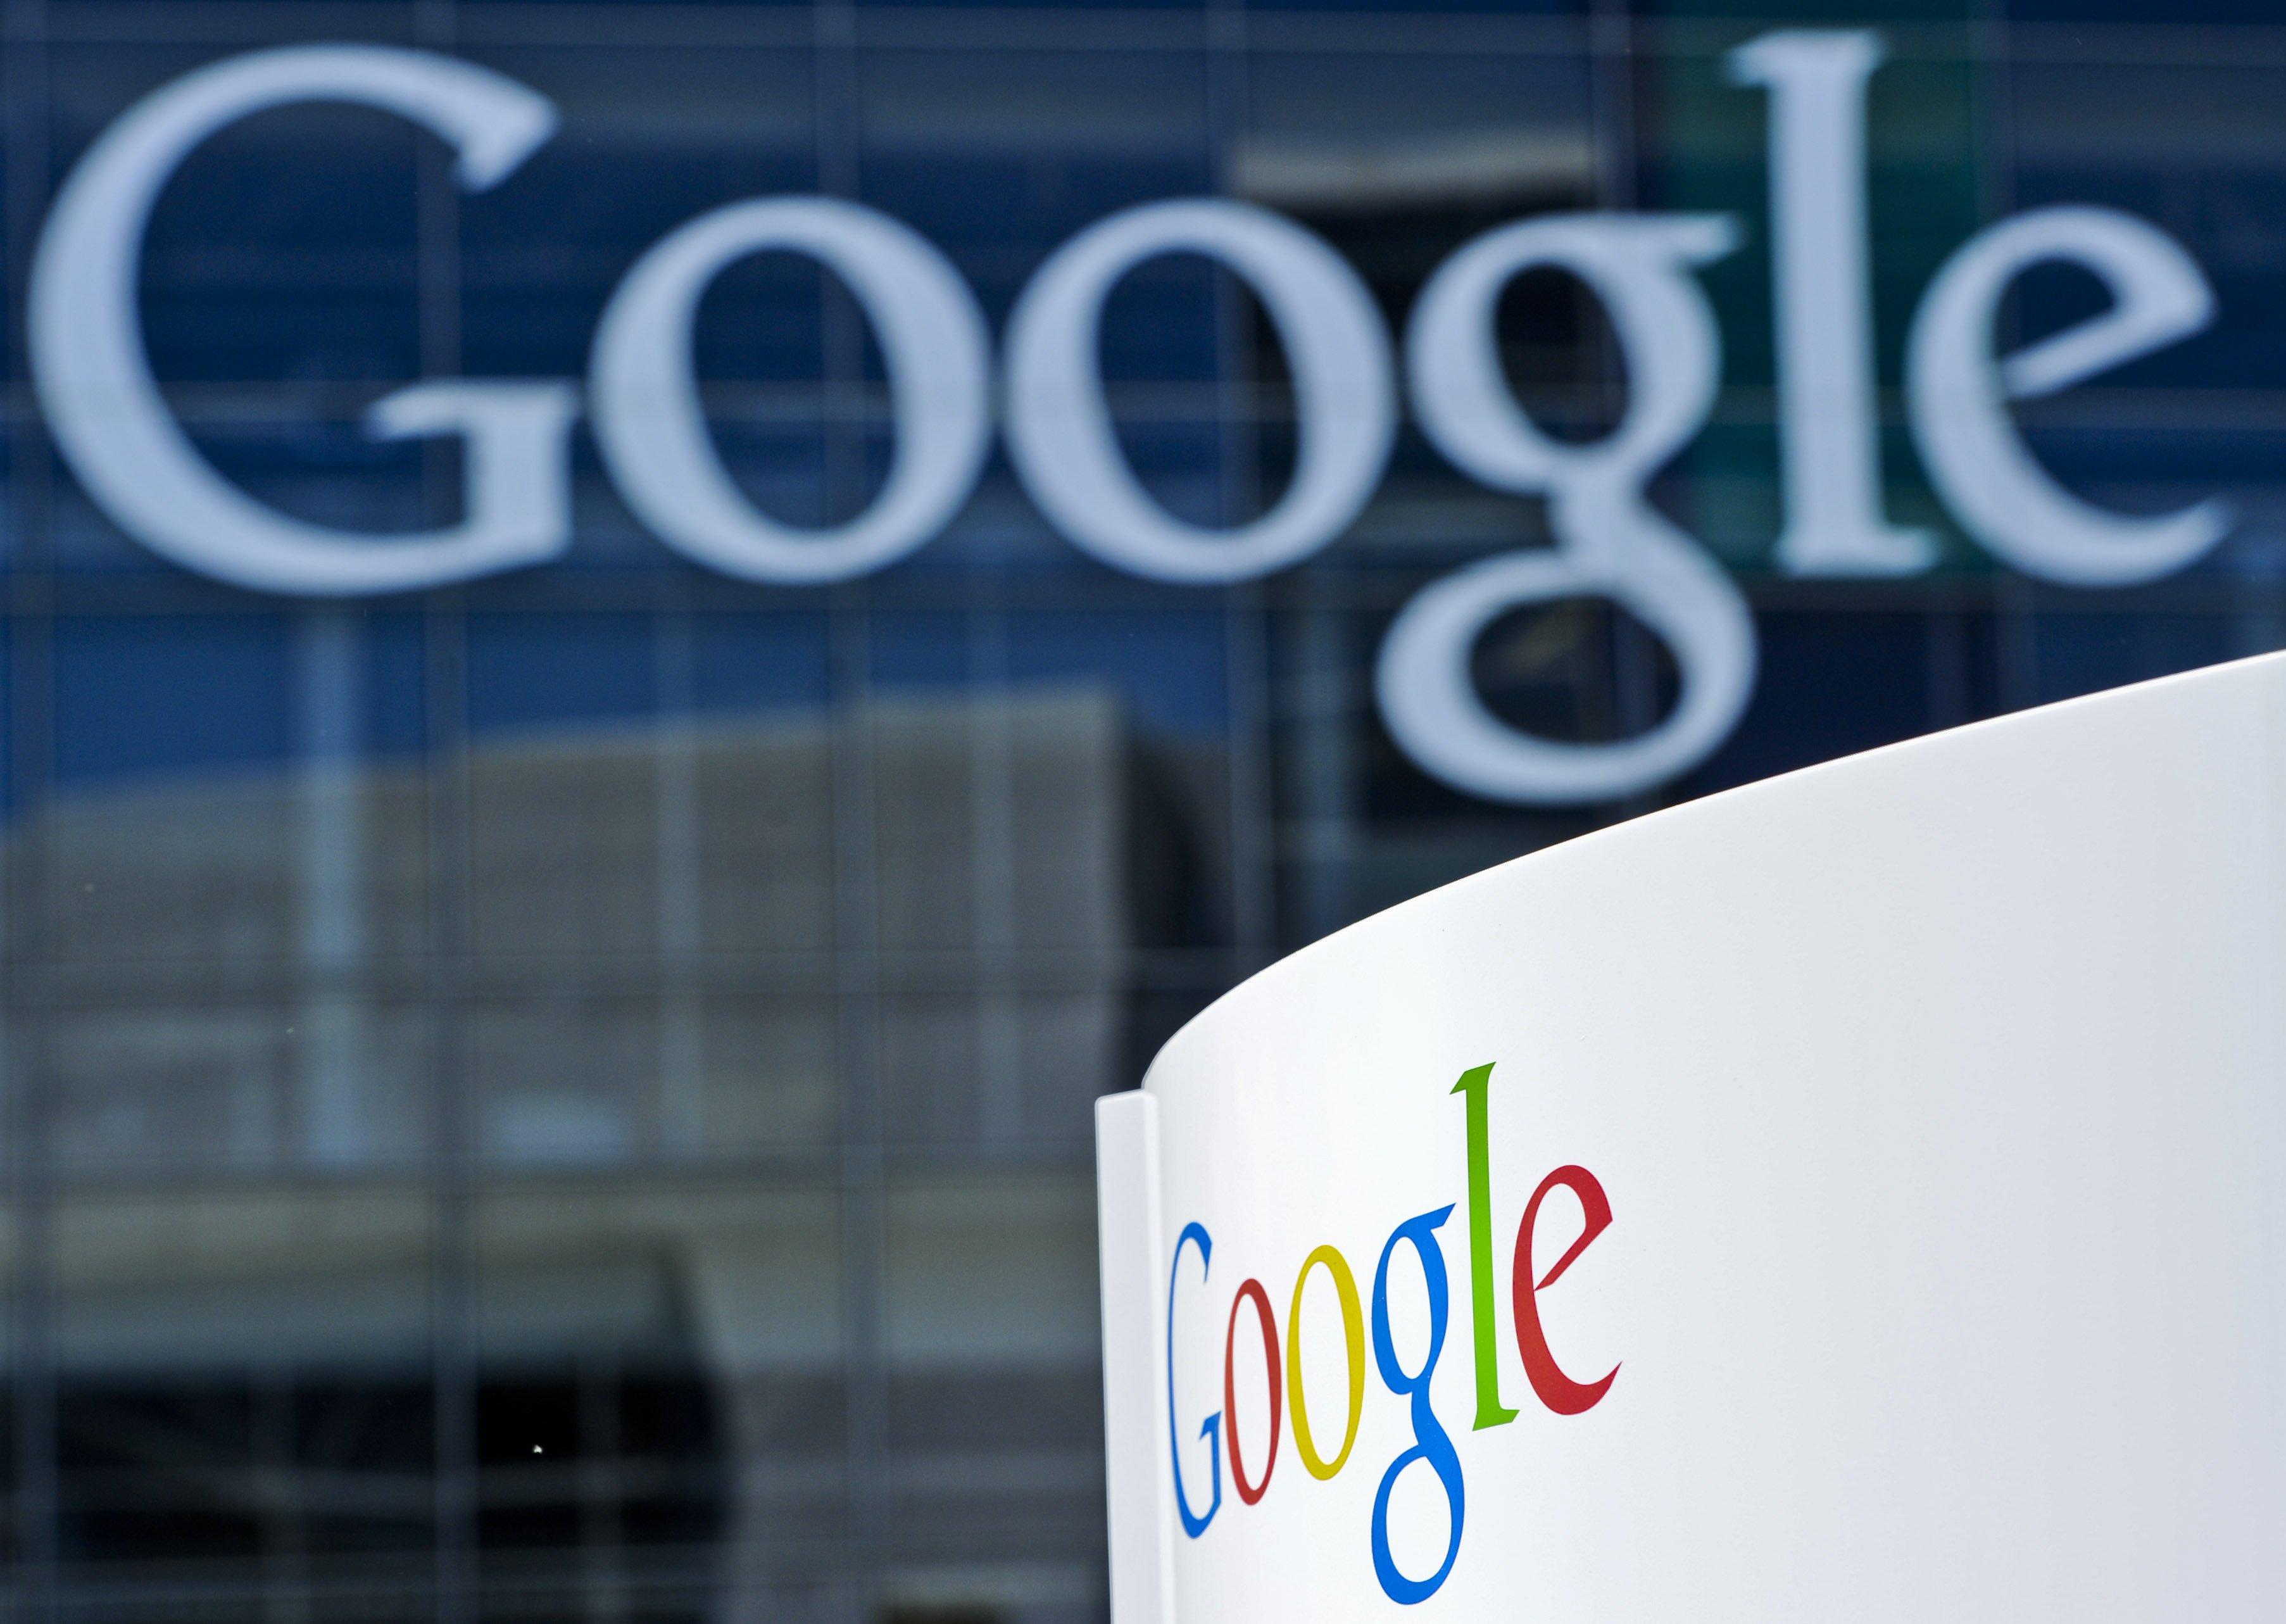 Kommerzielle Interessen spielen angeblich bei Googles medizinischen Ambinationen keine Rolle.